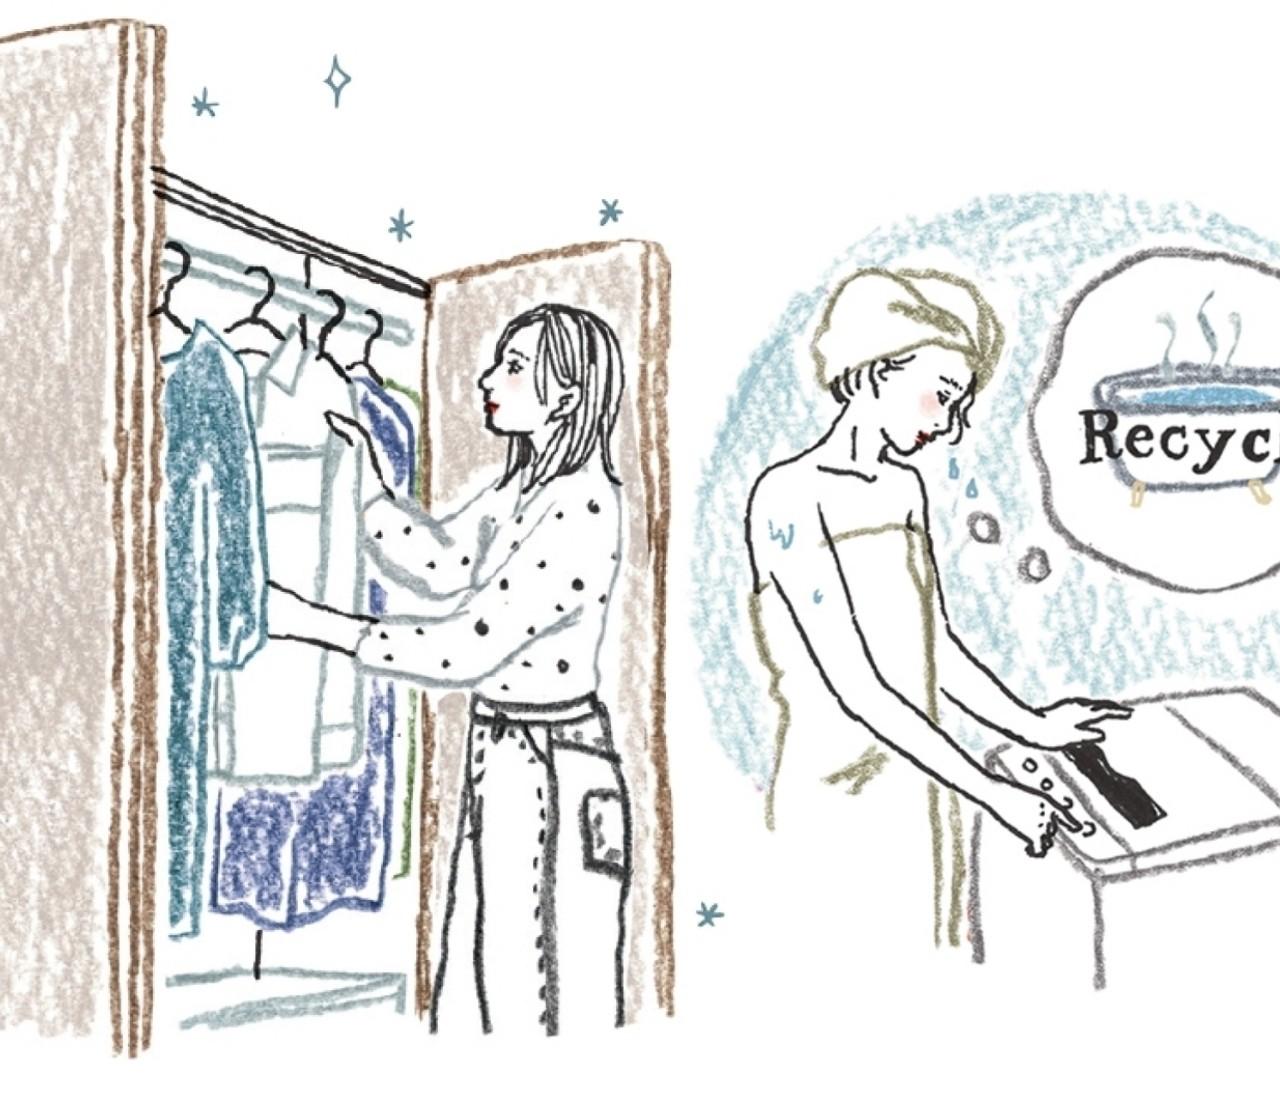 【開運お洗濯&収納まとめ】恋愛も仕事も、よいご縁はきれいな服から!